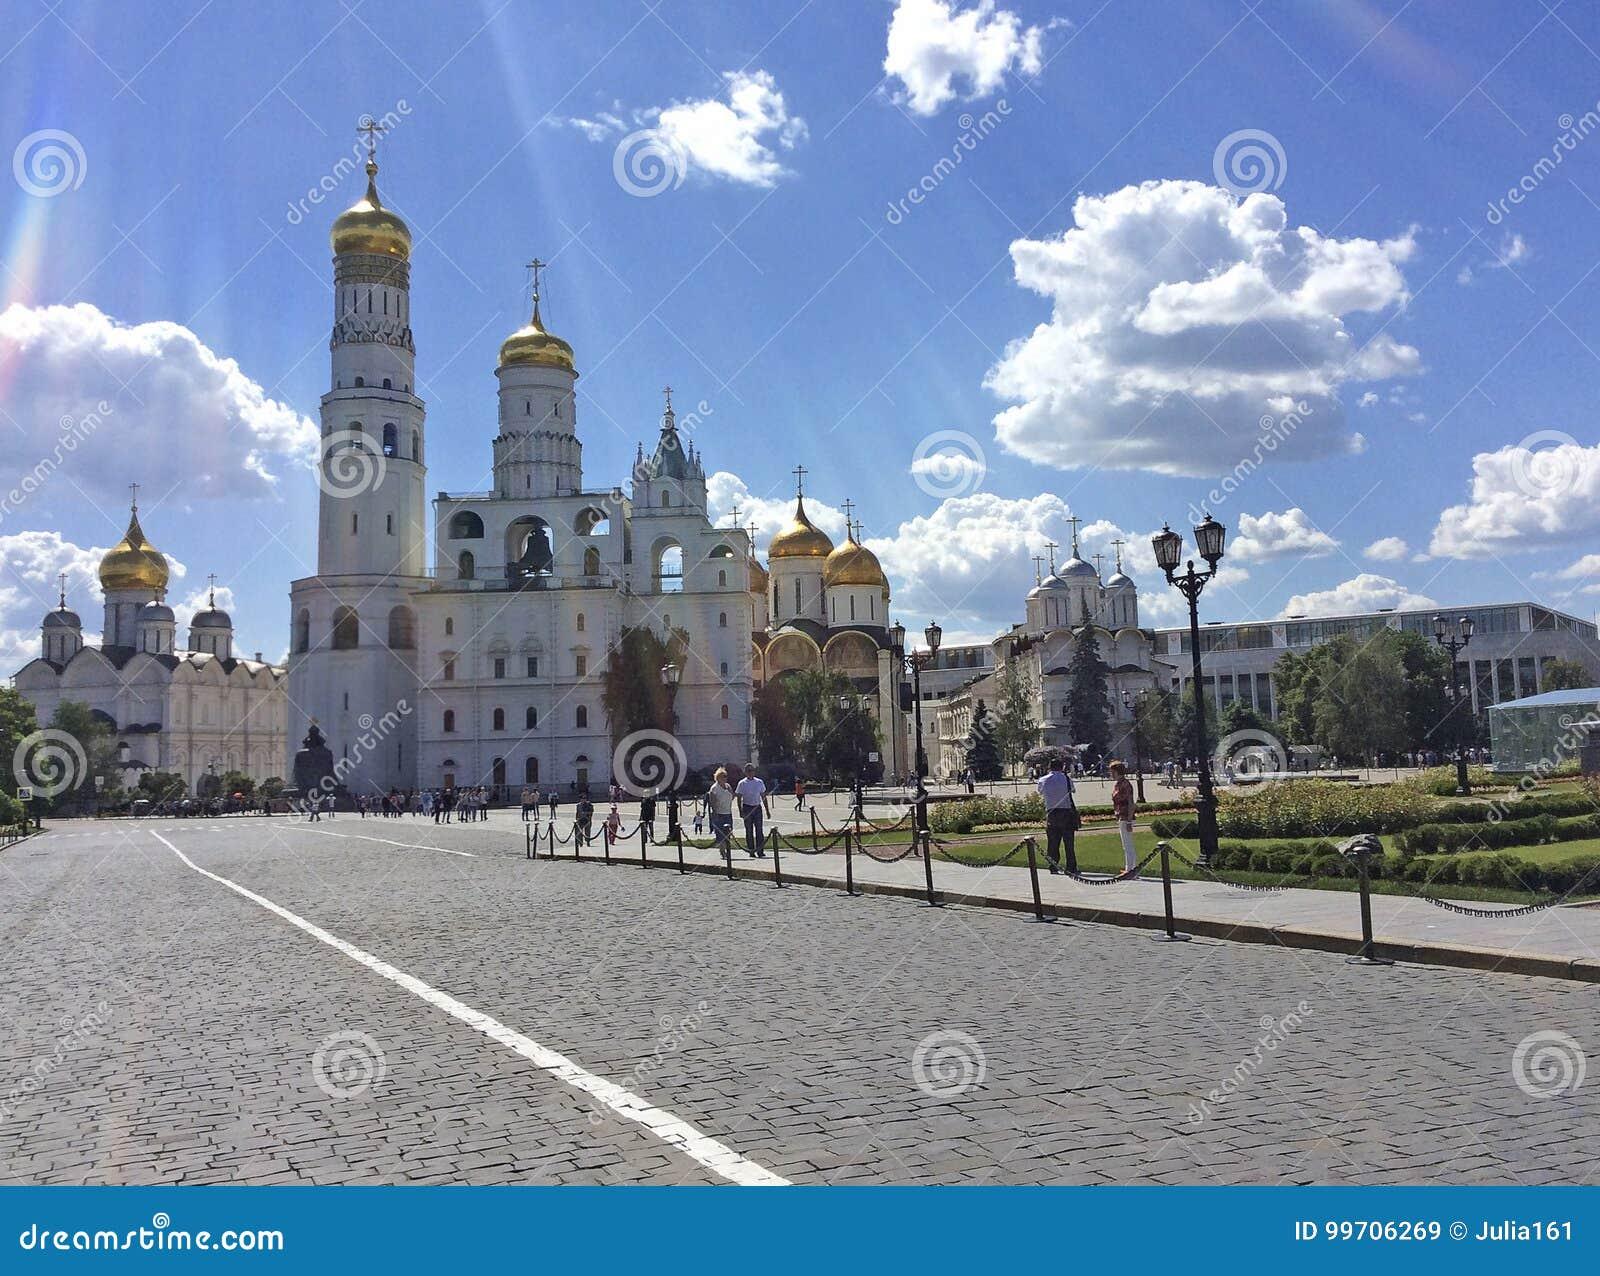 Moskou het Kremlin achter de muur